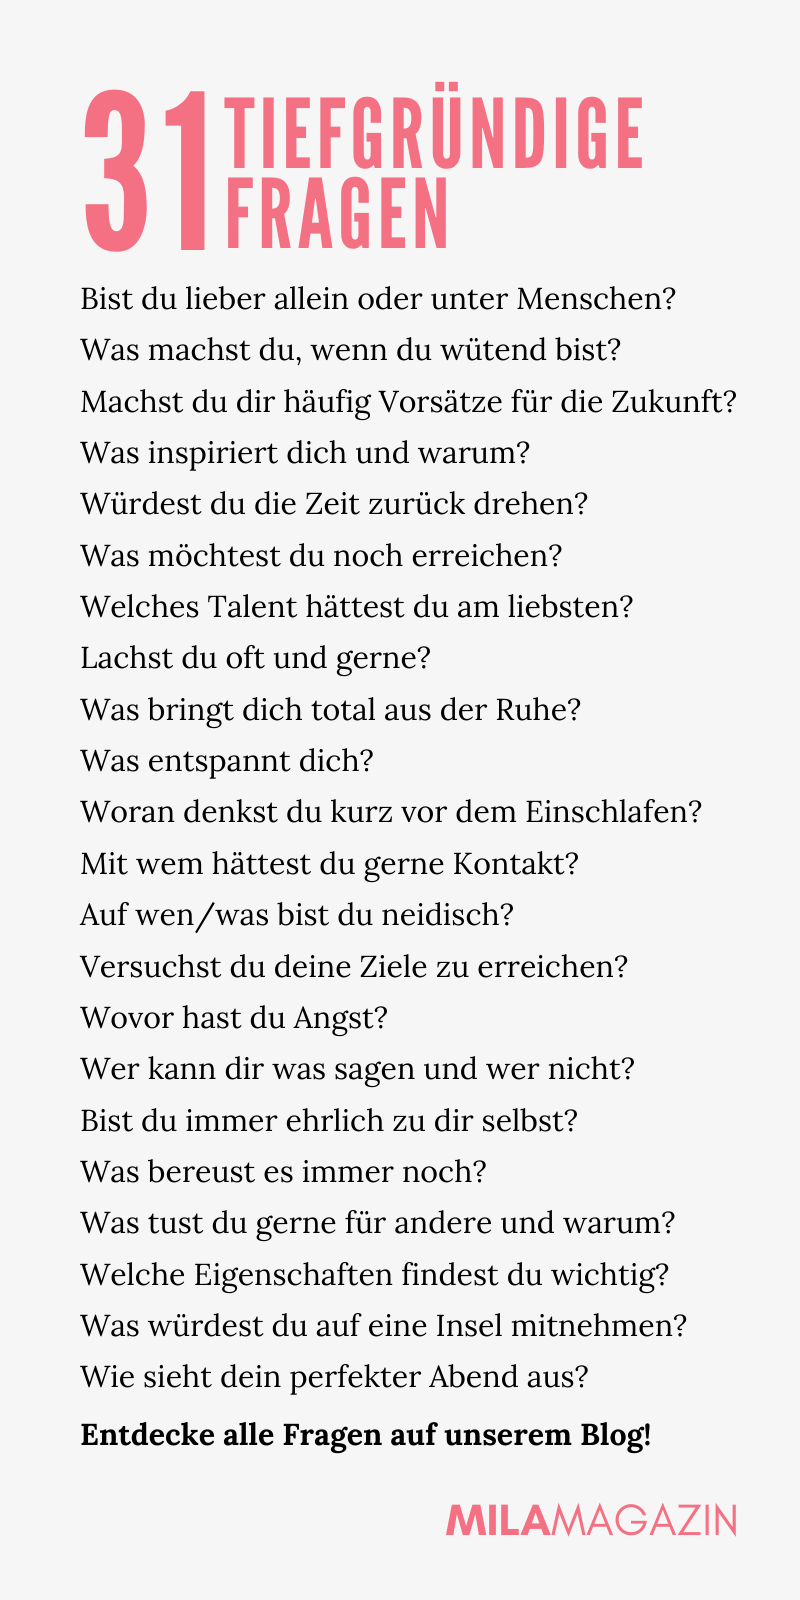 31 tiefgründige Fragen zum nachdenken - #fragen #